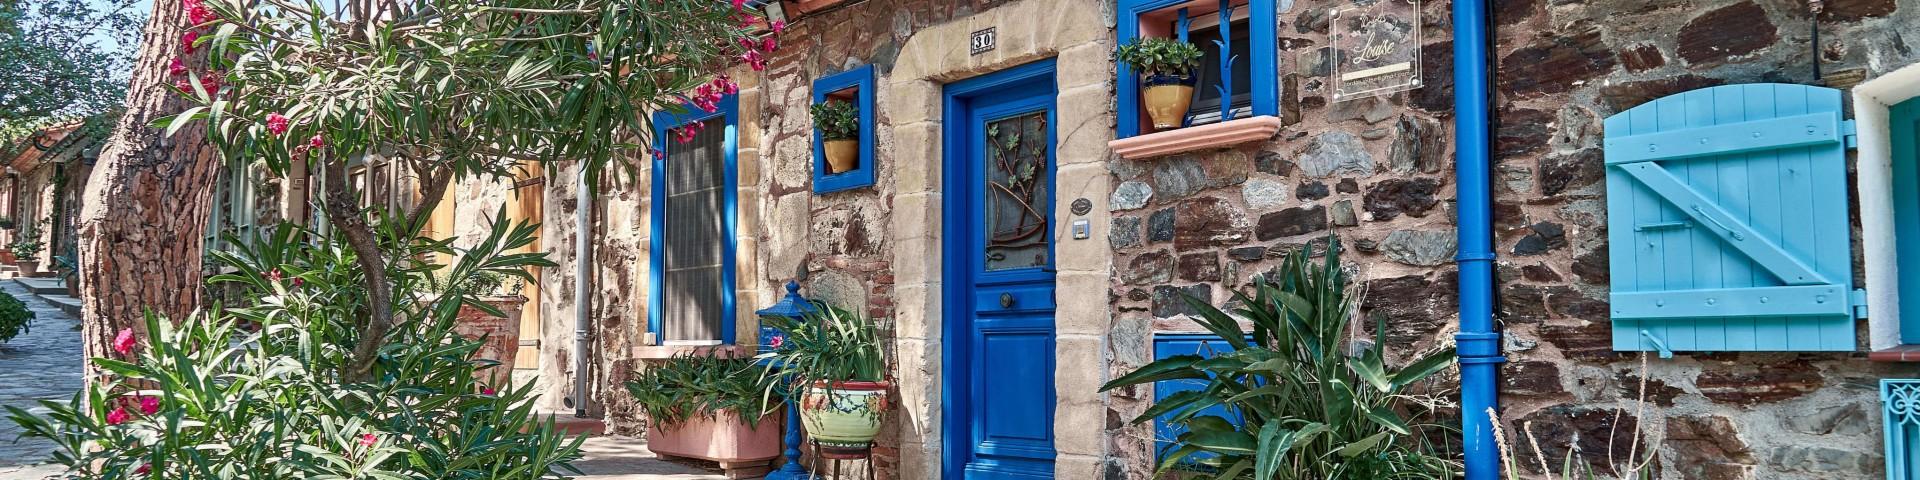 Rue Bellevue, a quiet living quarter in Collioure